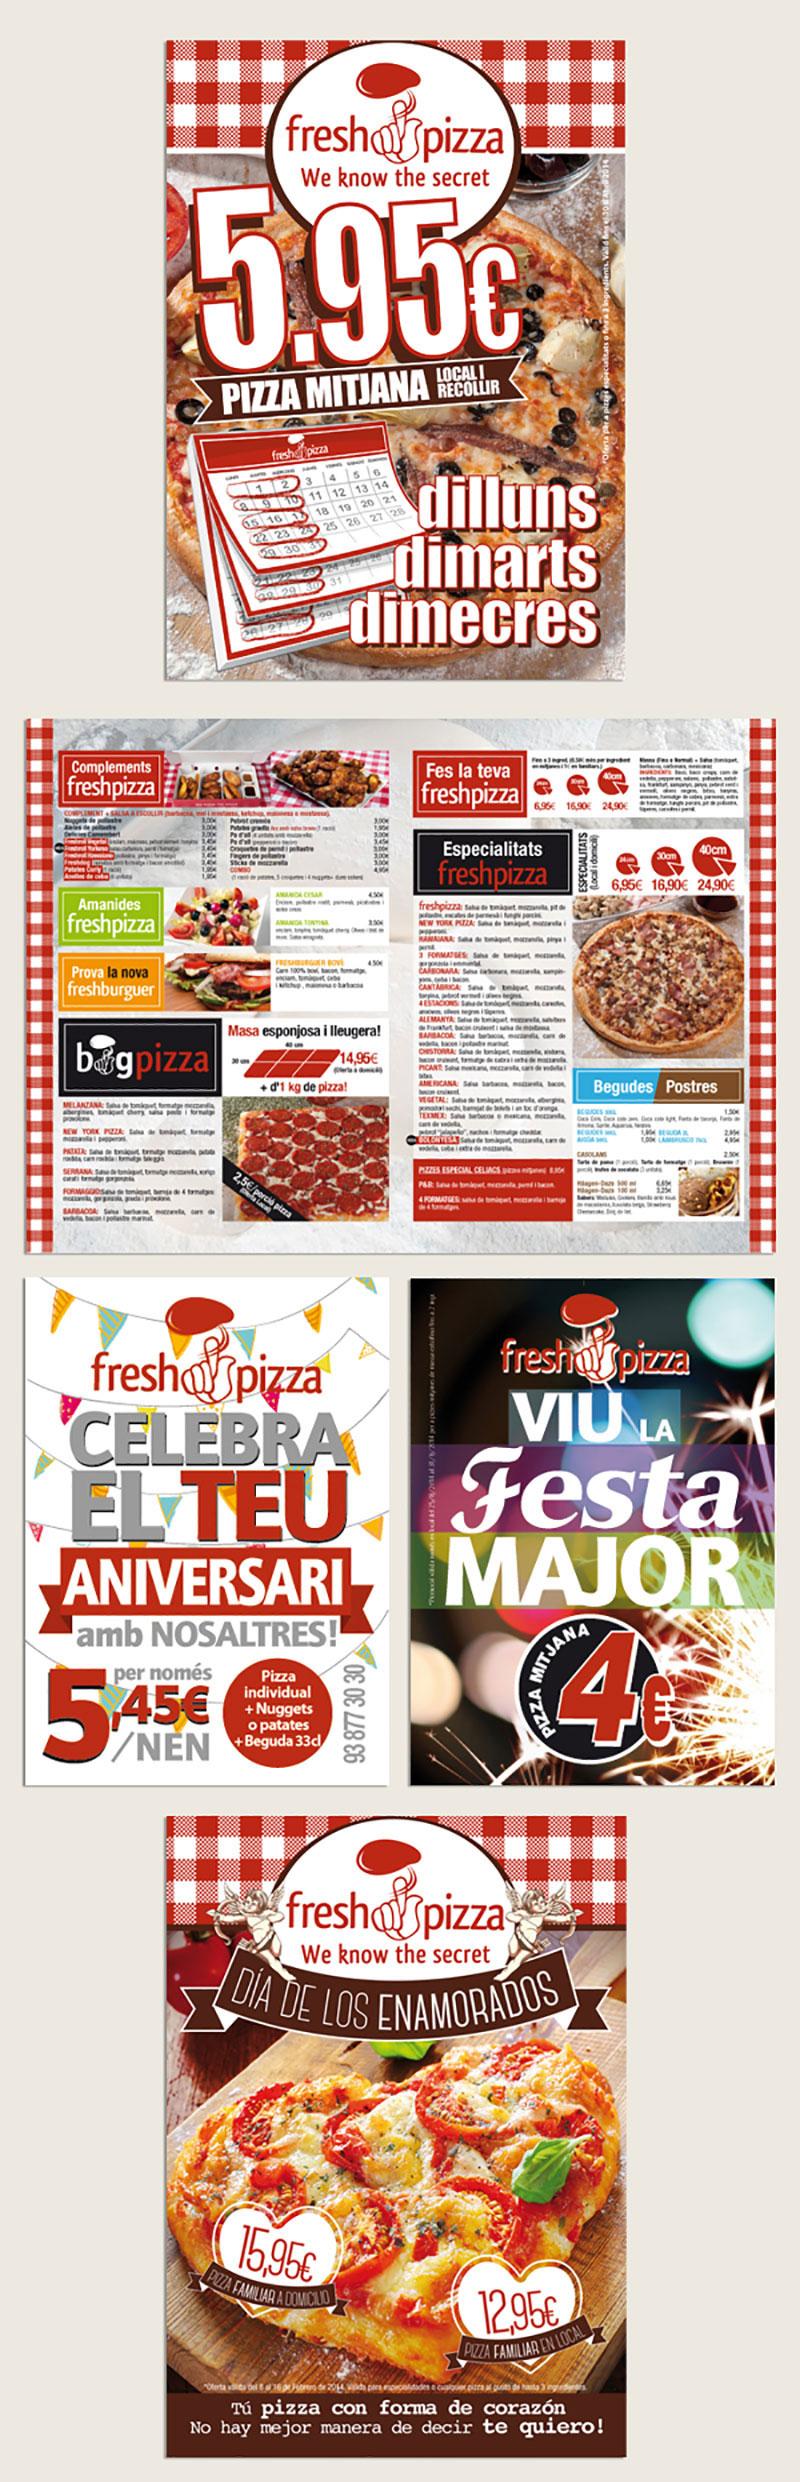 freshpizza1